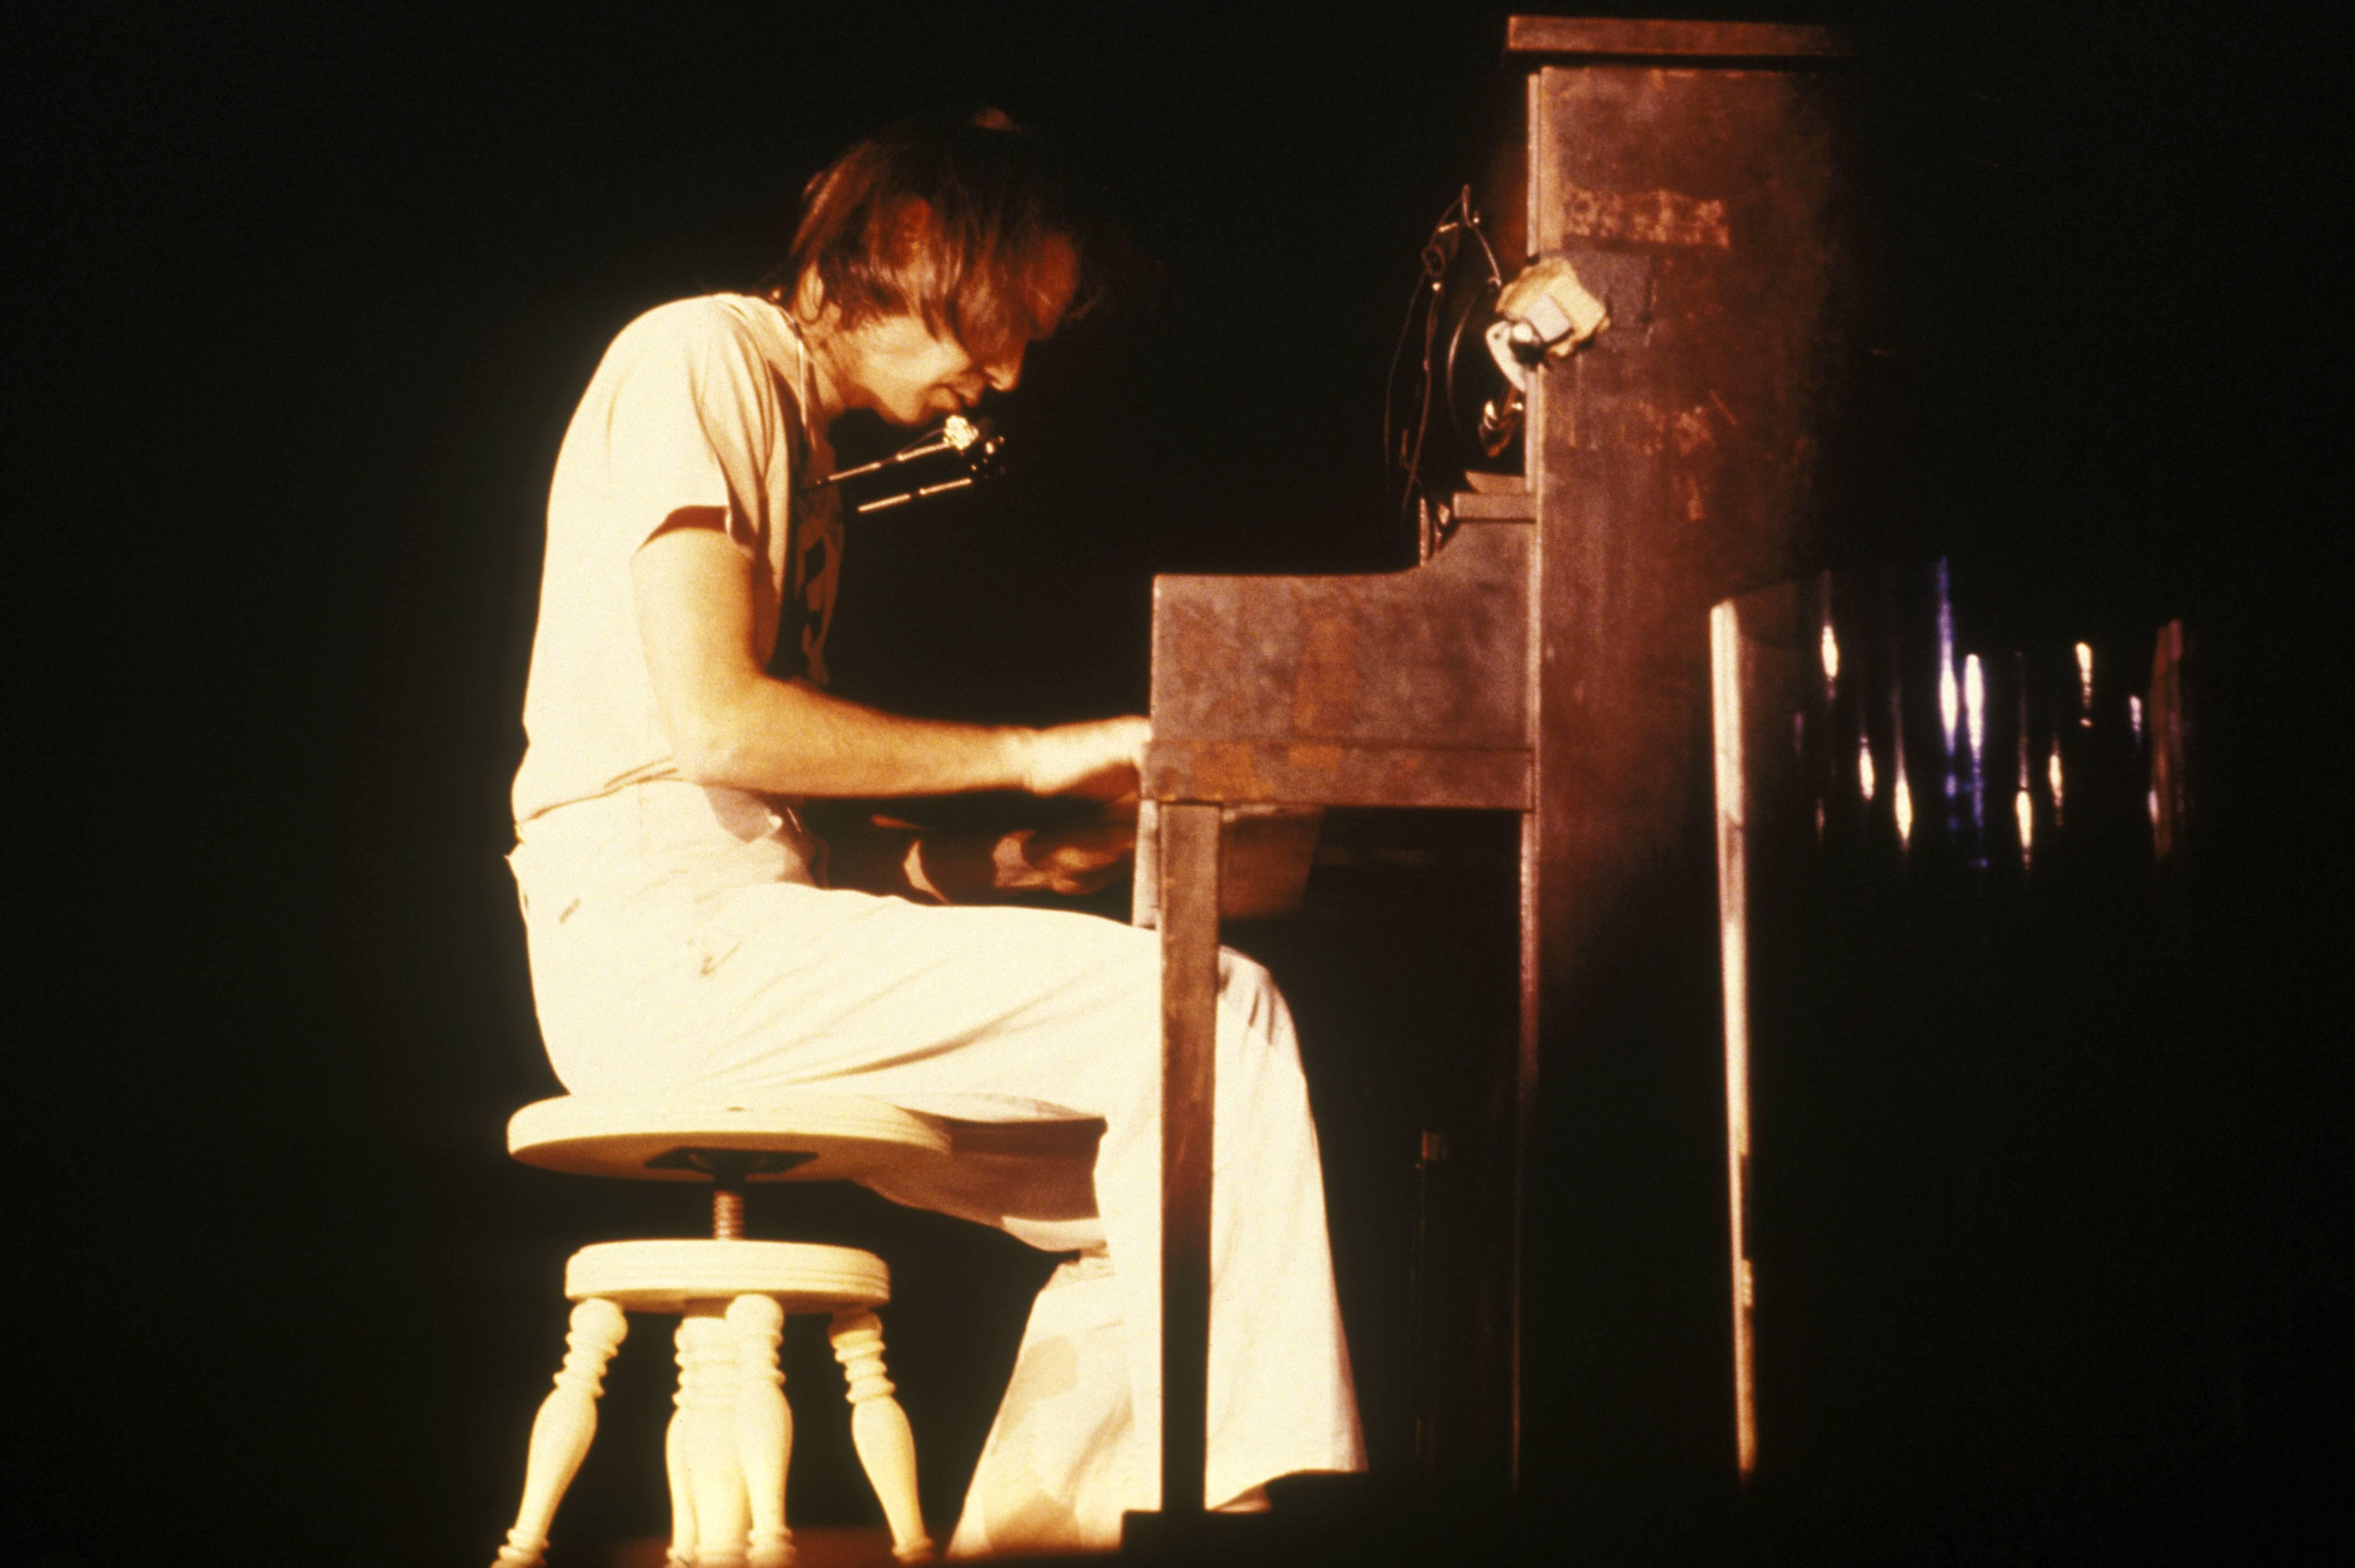 Neil Young am Klavier